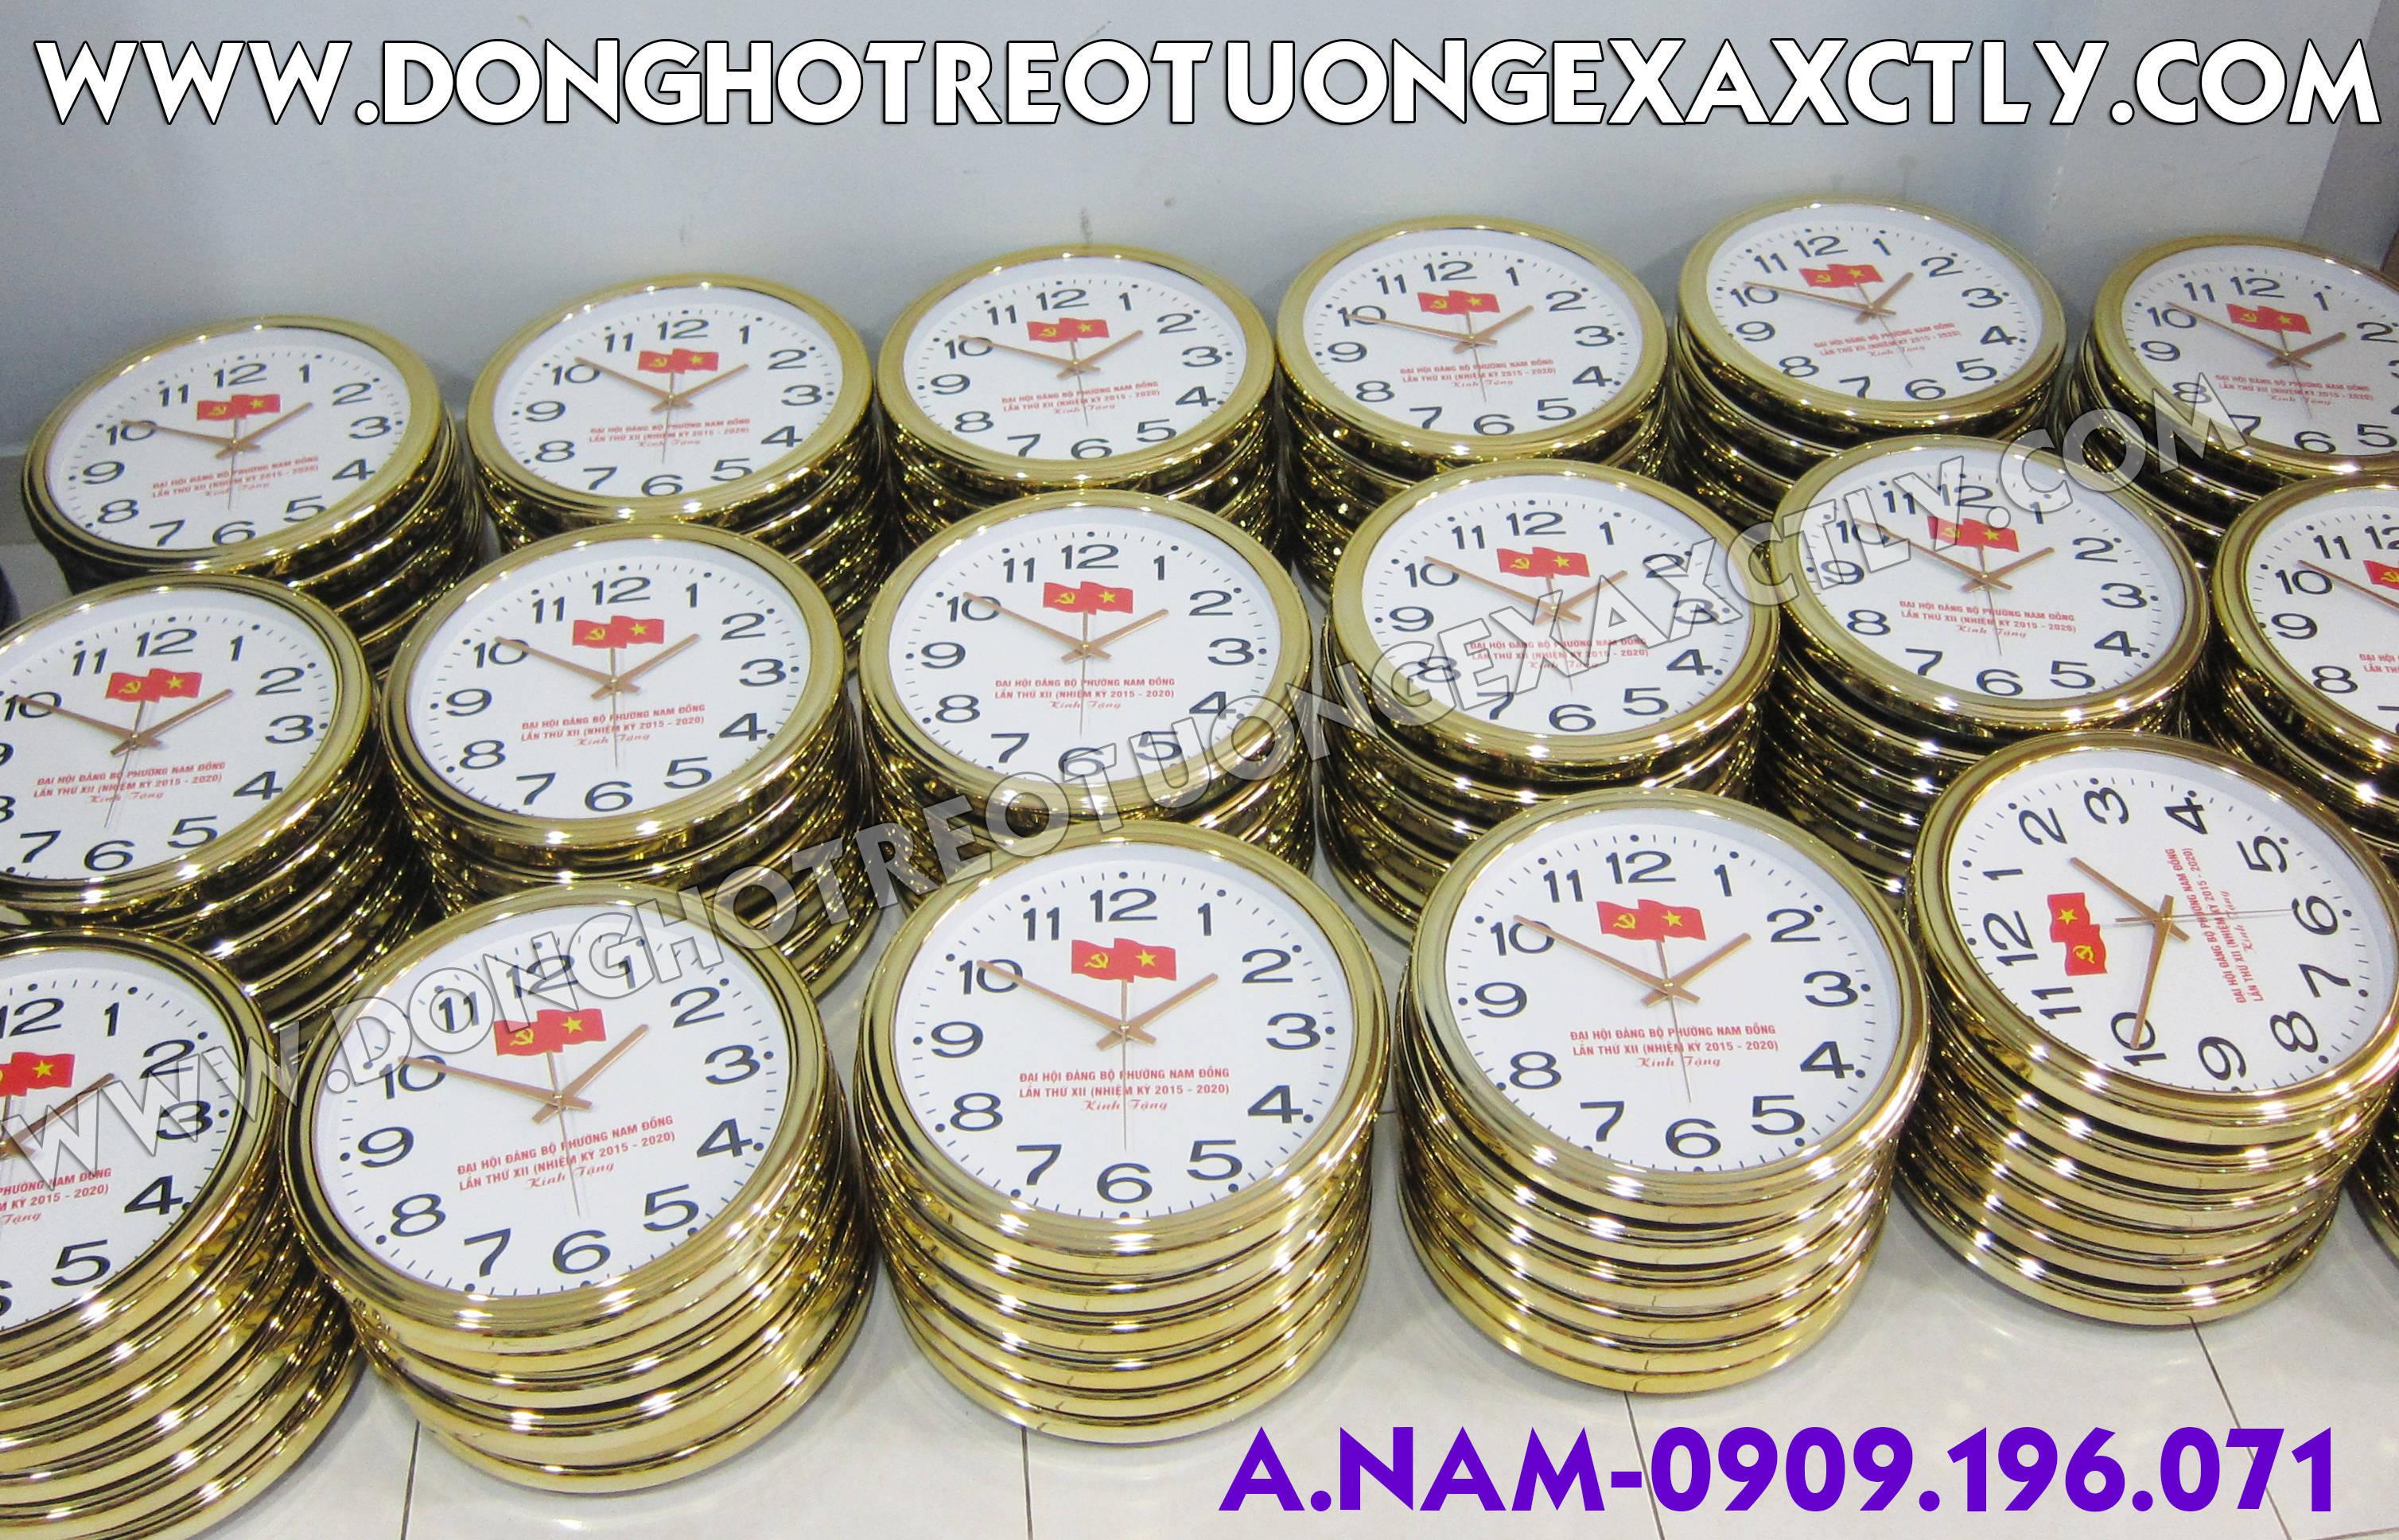 xưởng sản xuất đồng hồ treo tường giá rẻ | xuong san xuat dong ho treo tuong gia re